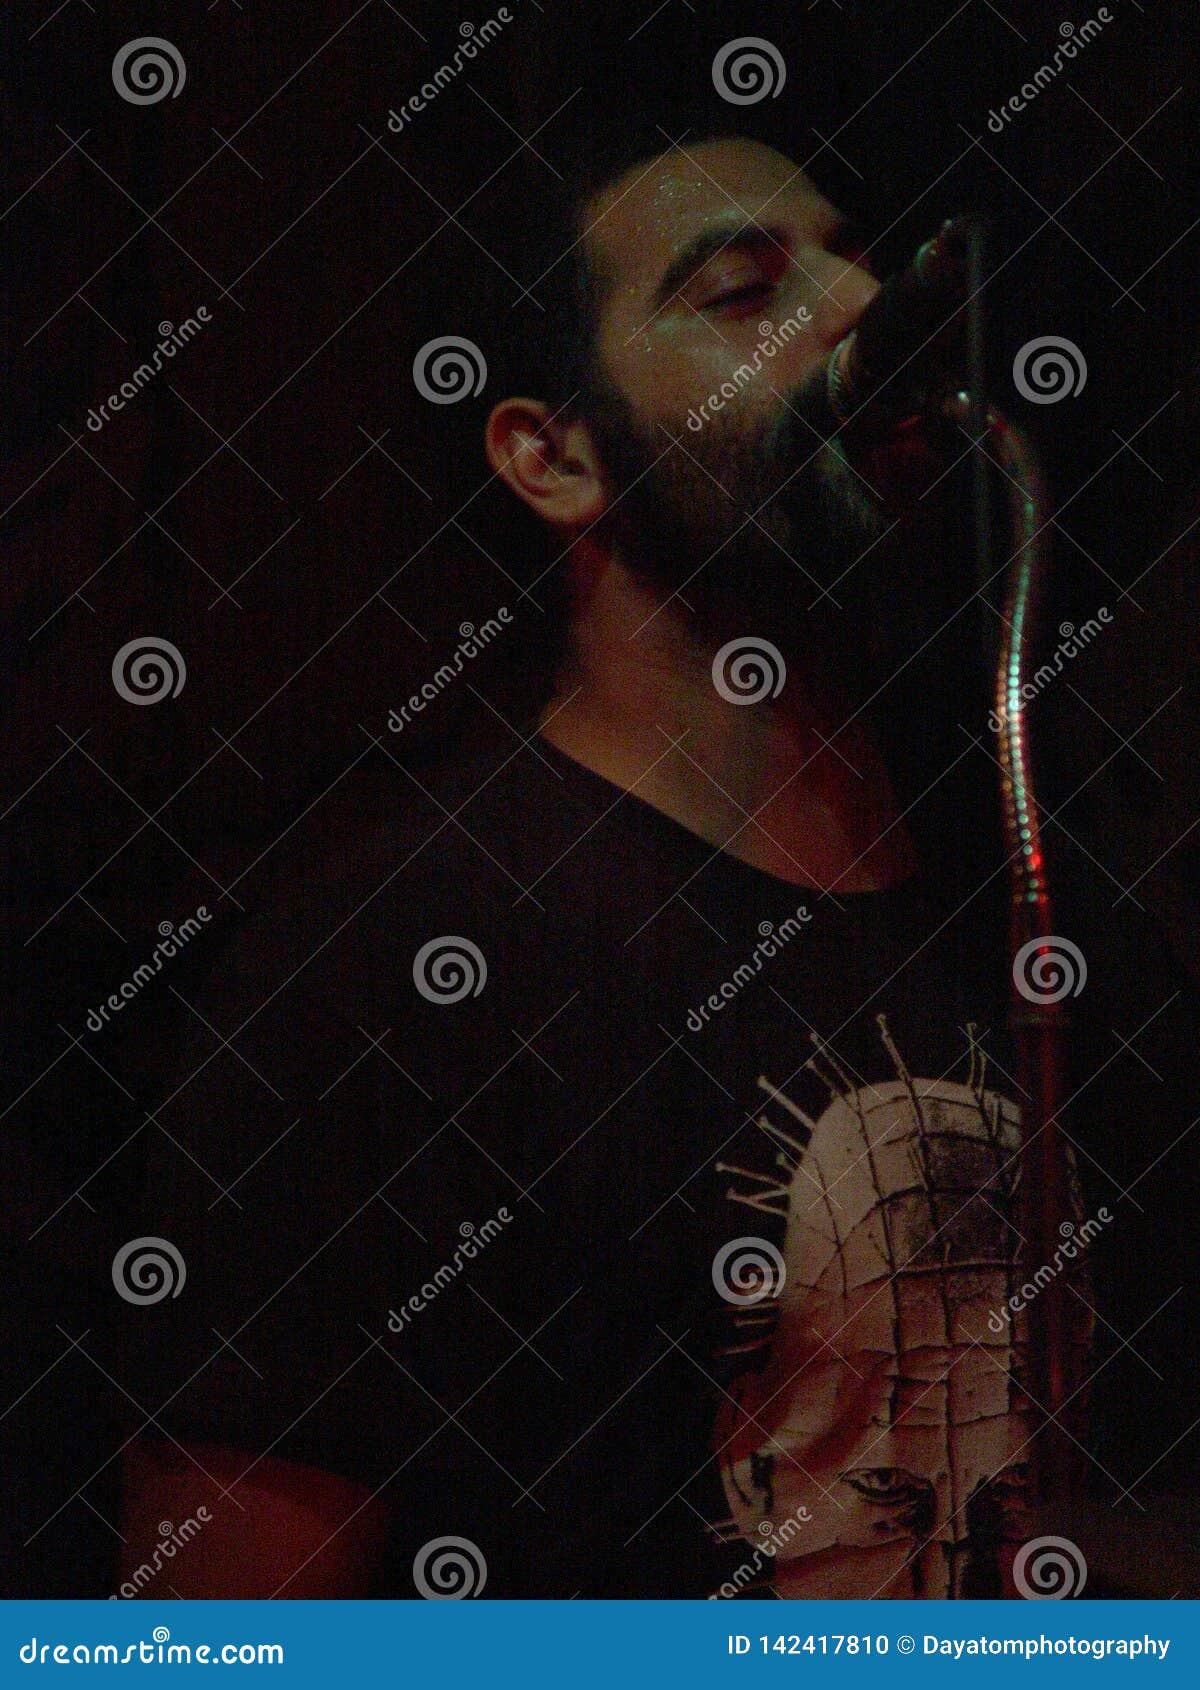 Vocalista de sexo masculino de la roca que canta cerca de un micrófono en una demostración en la noche en alrededores oscuros